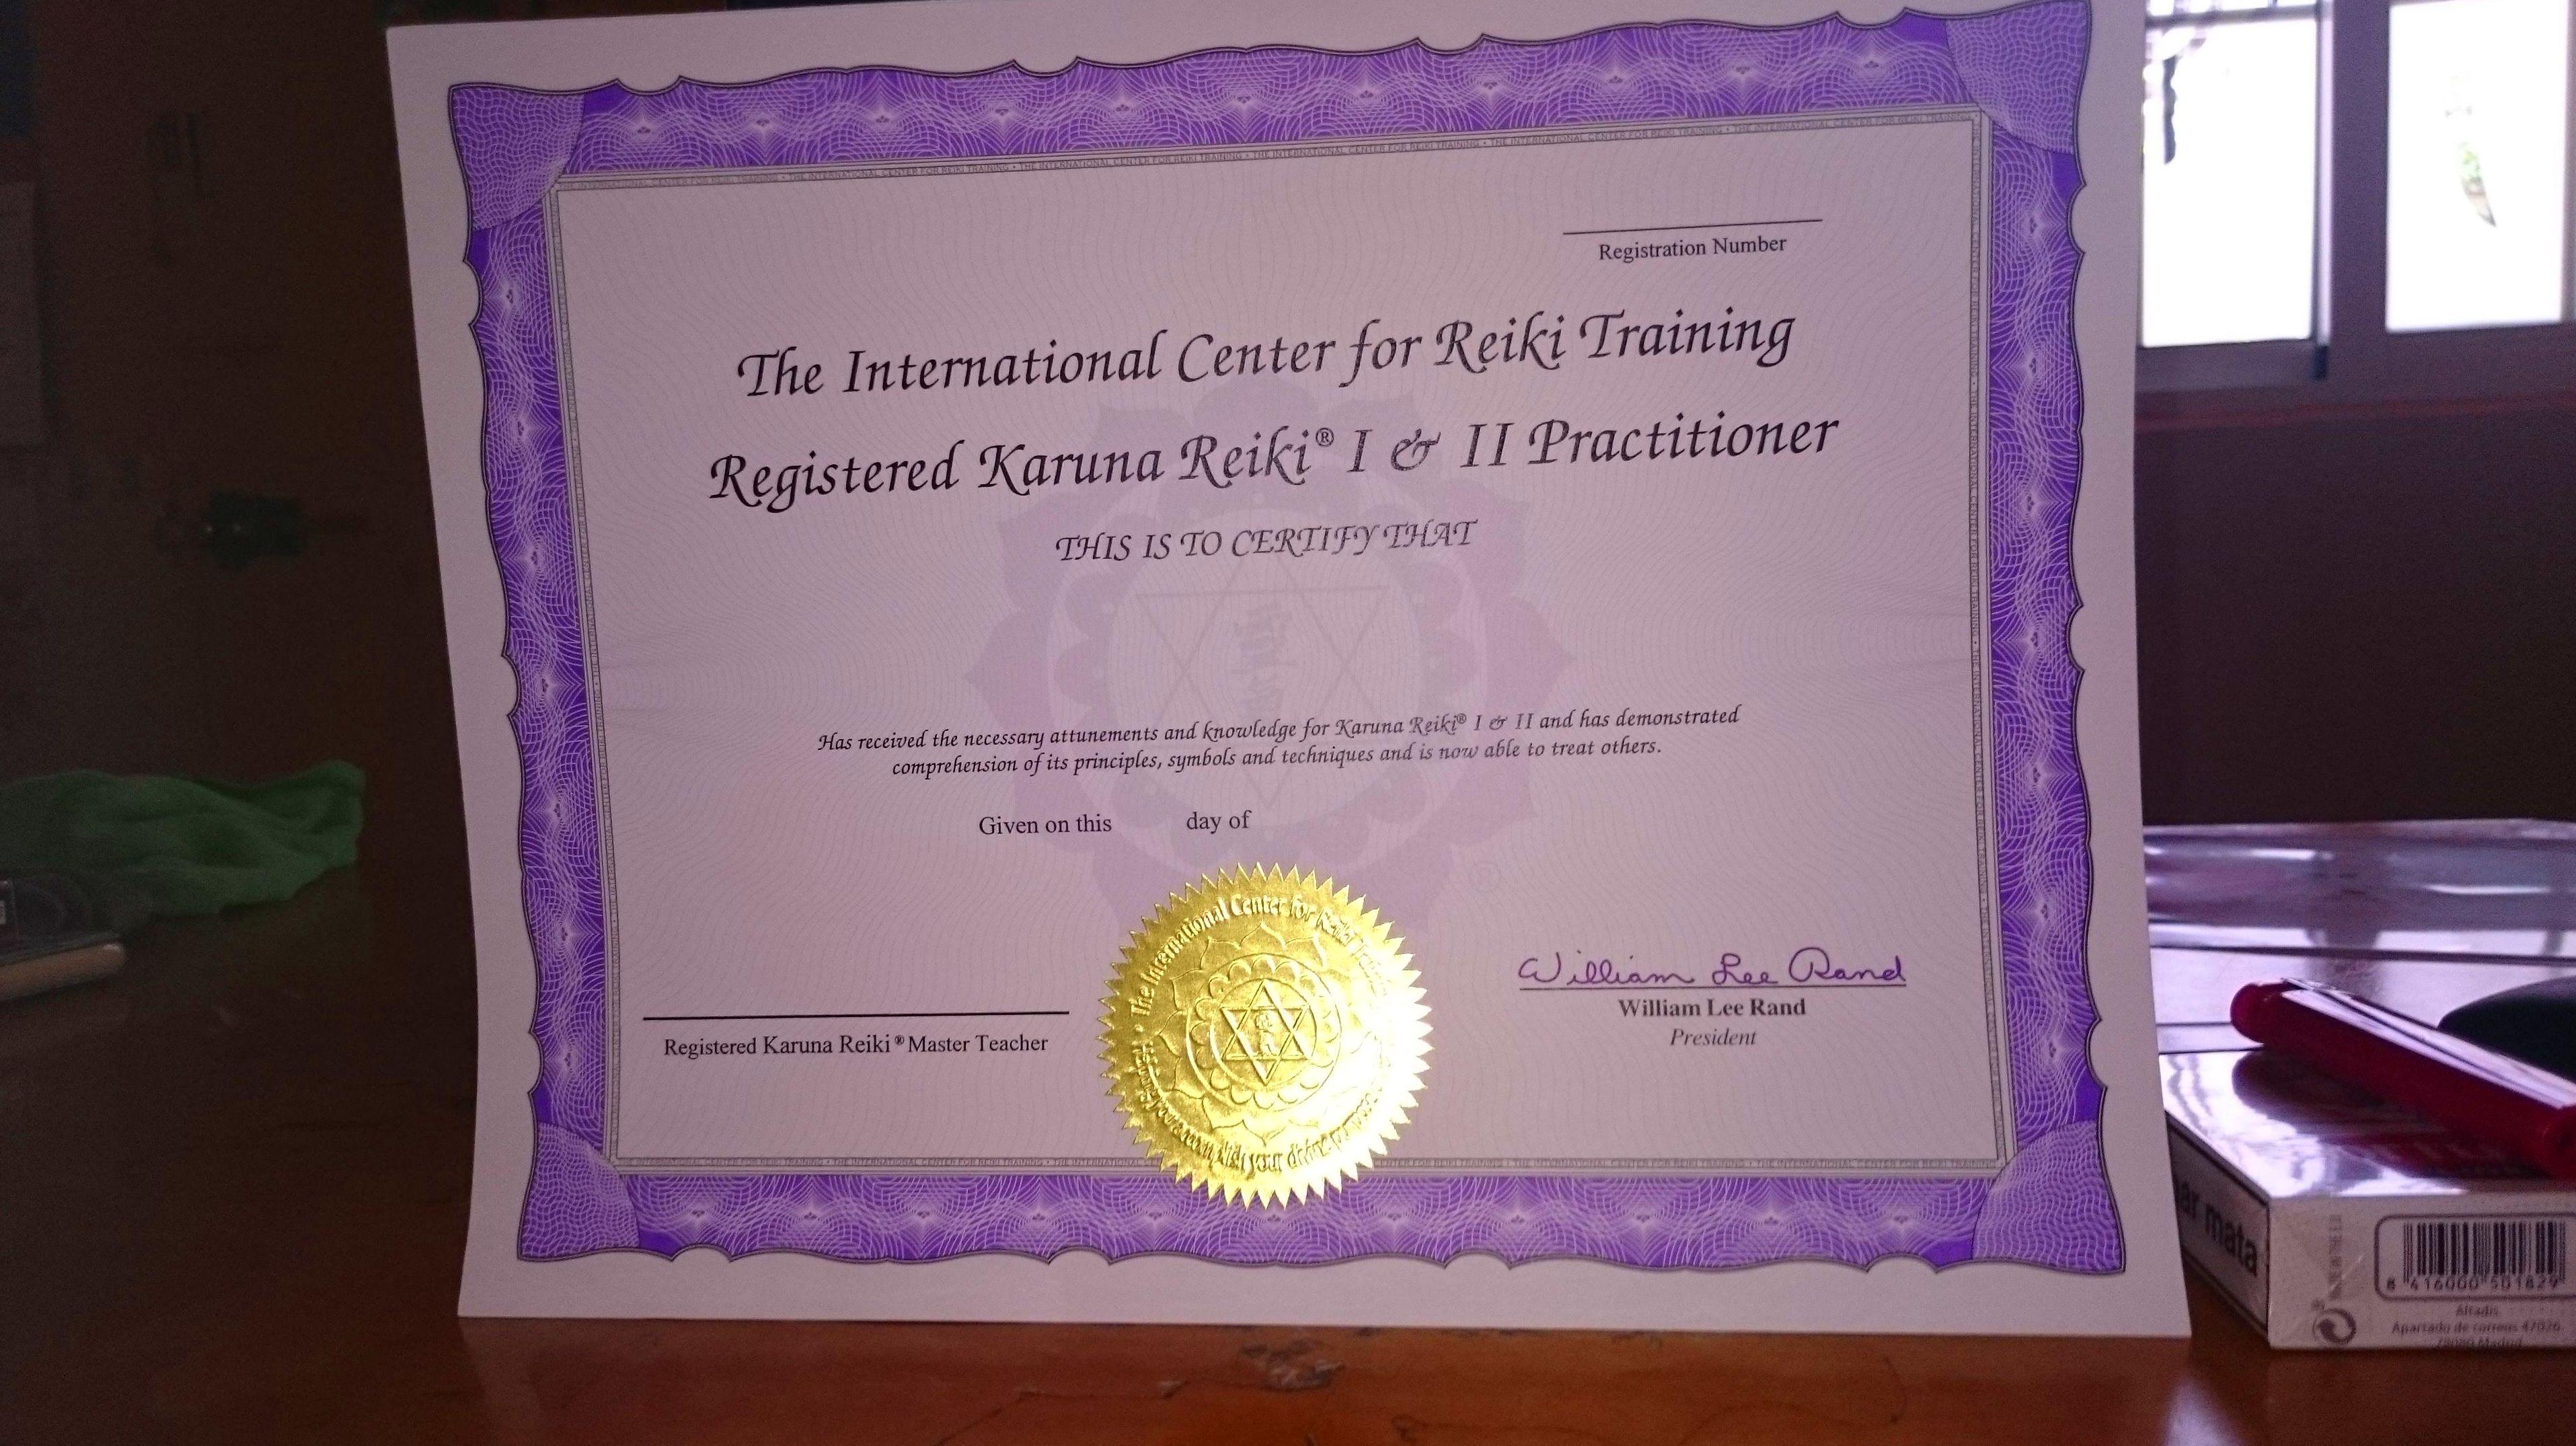 Diplomas The International Center for Reiki Training originales de Karuna- Reiki